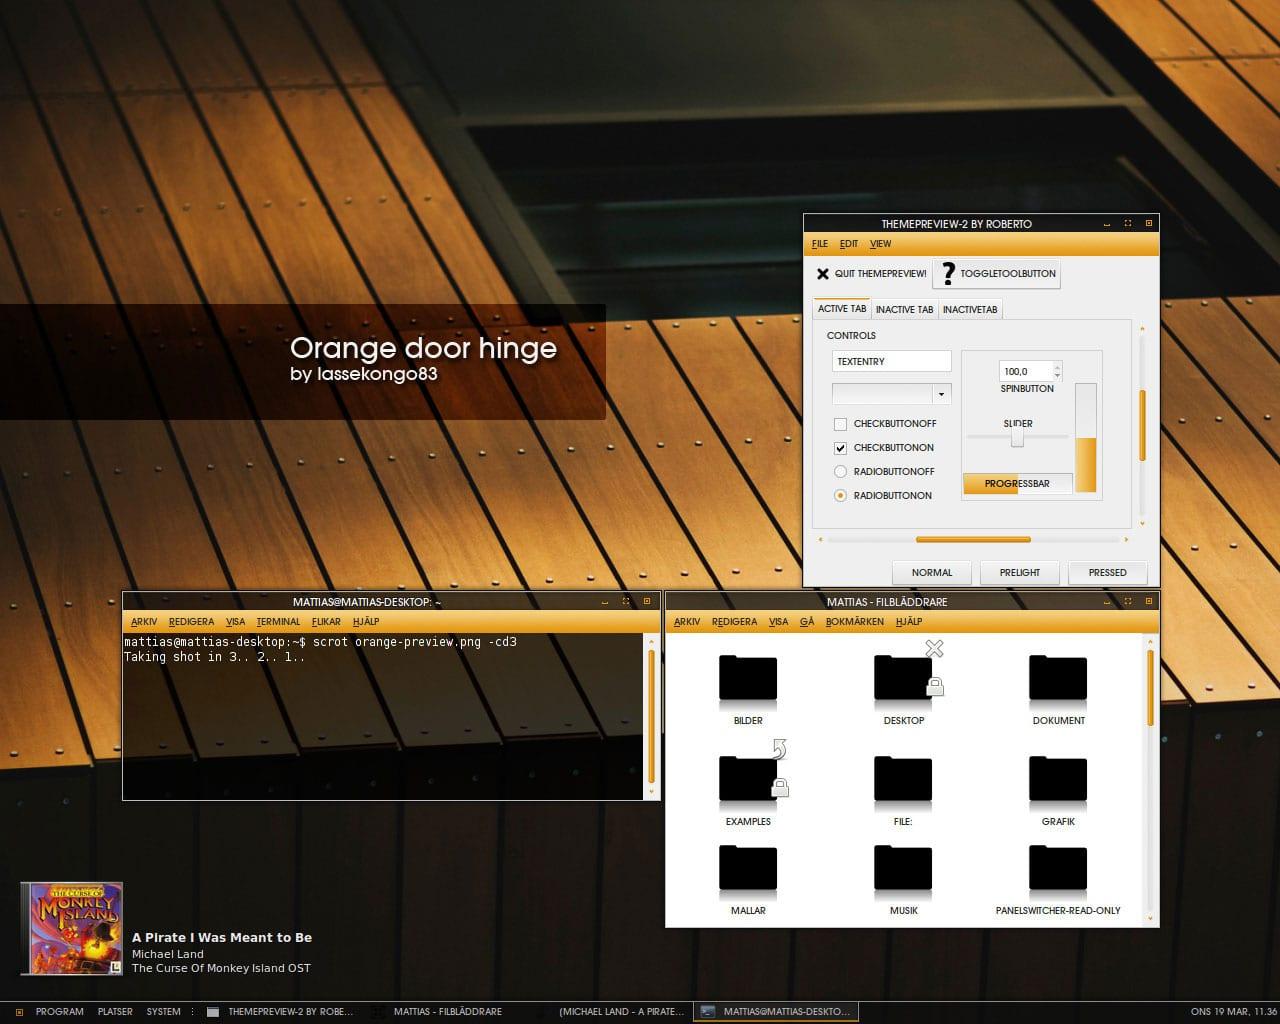 orange-door-hinge